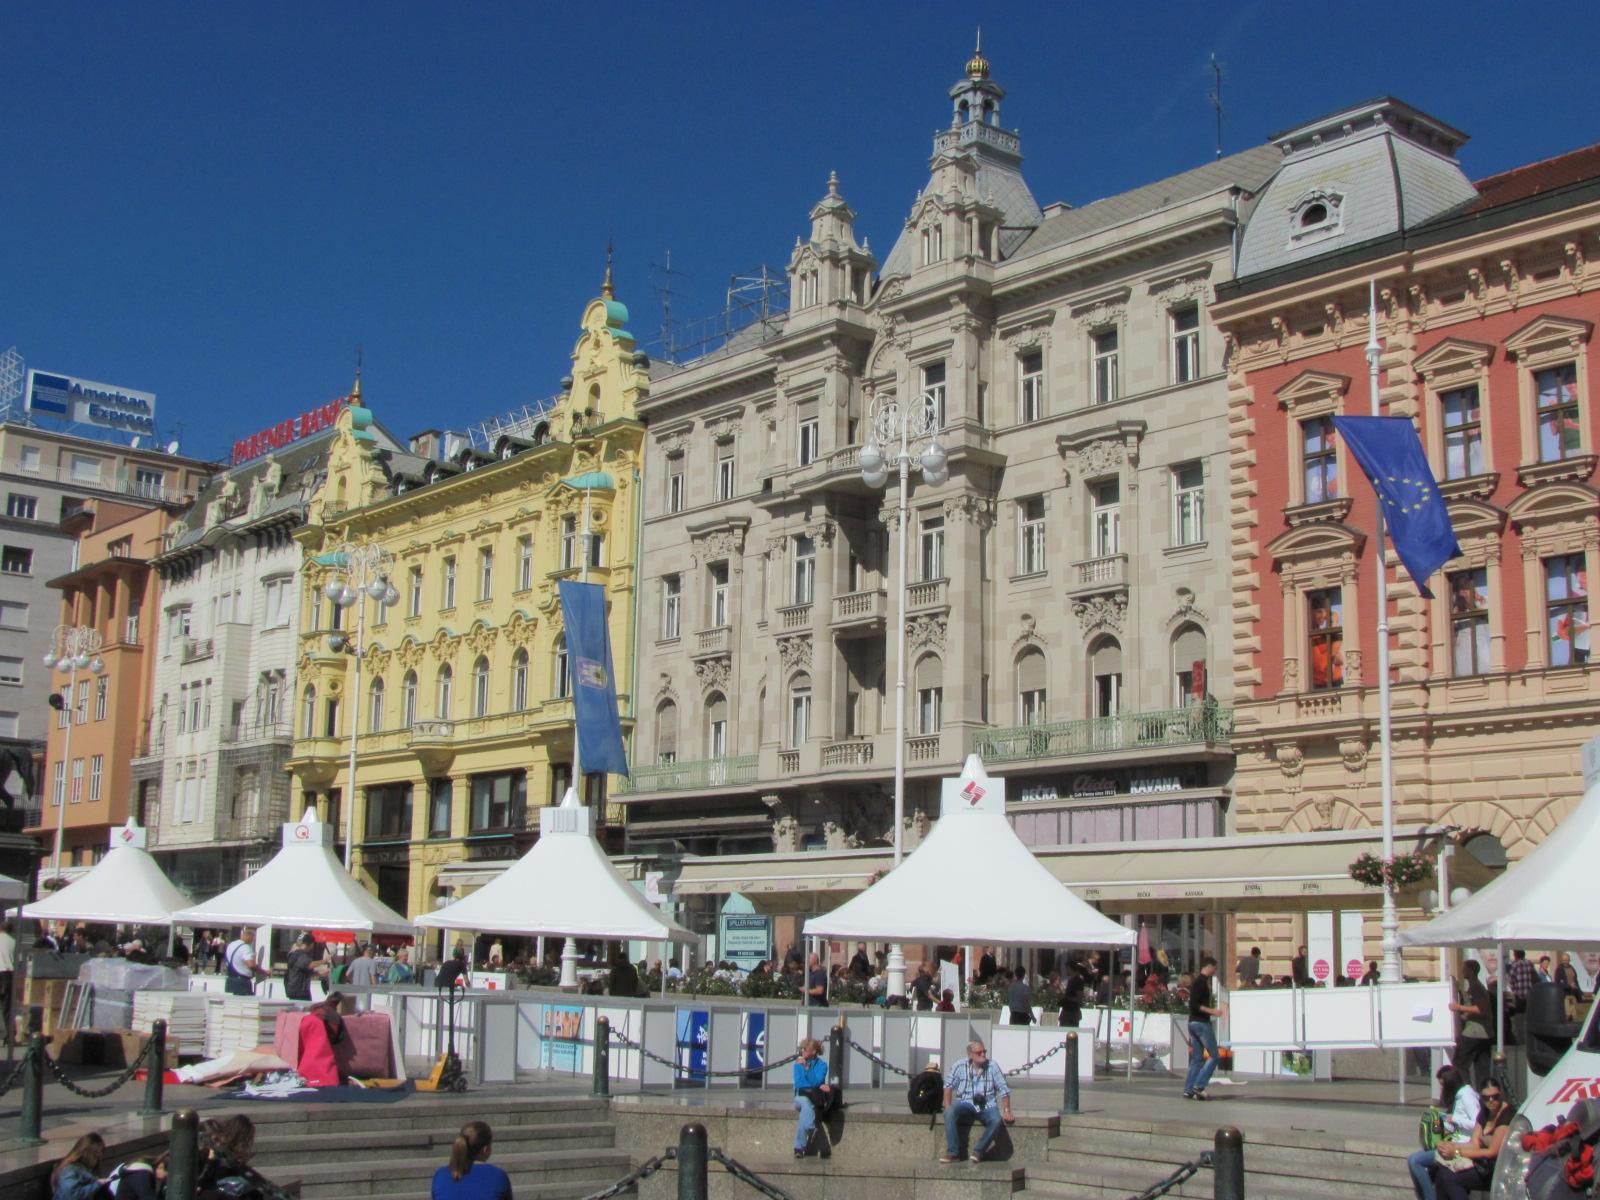 Zagreb's Main Square